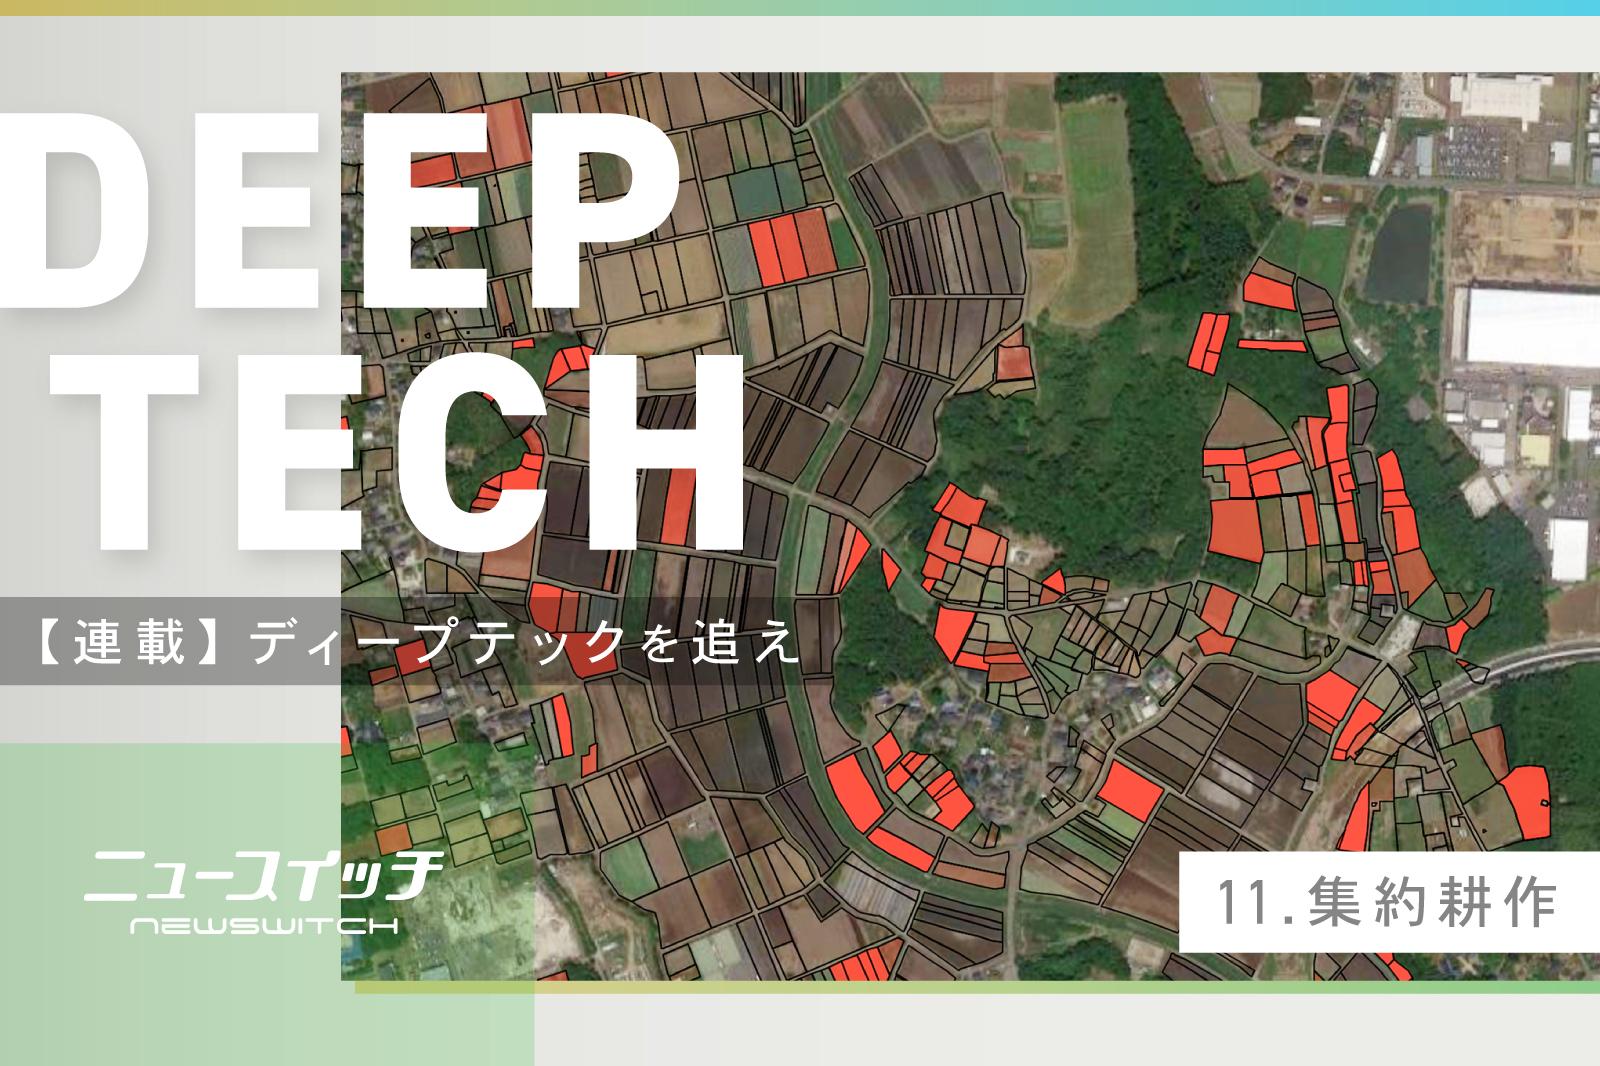 """【ディープテックを追え】耕作放棄地をAIで""""探る""""。農業にもDXの流れ"""